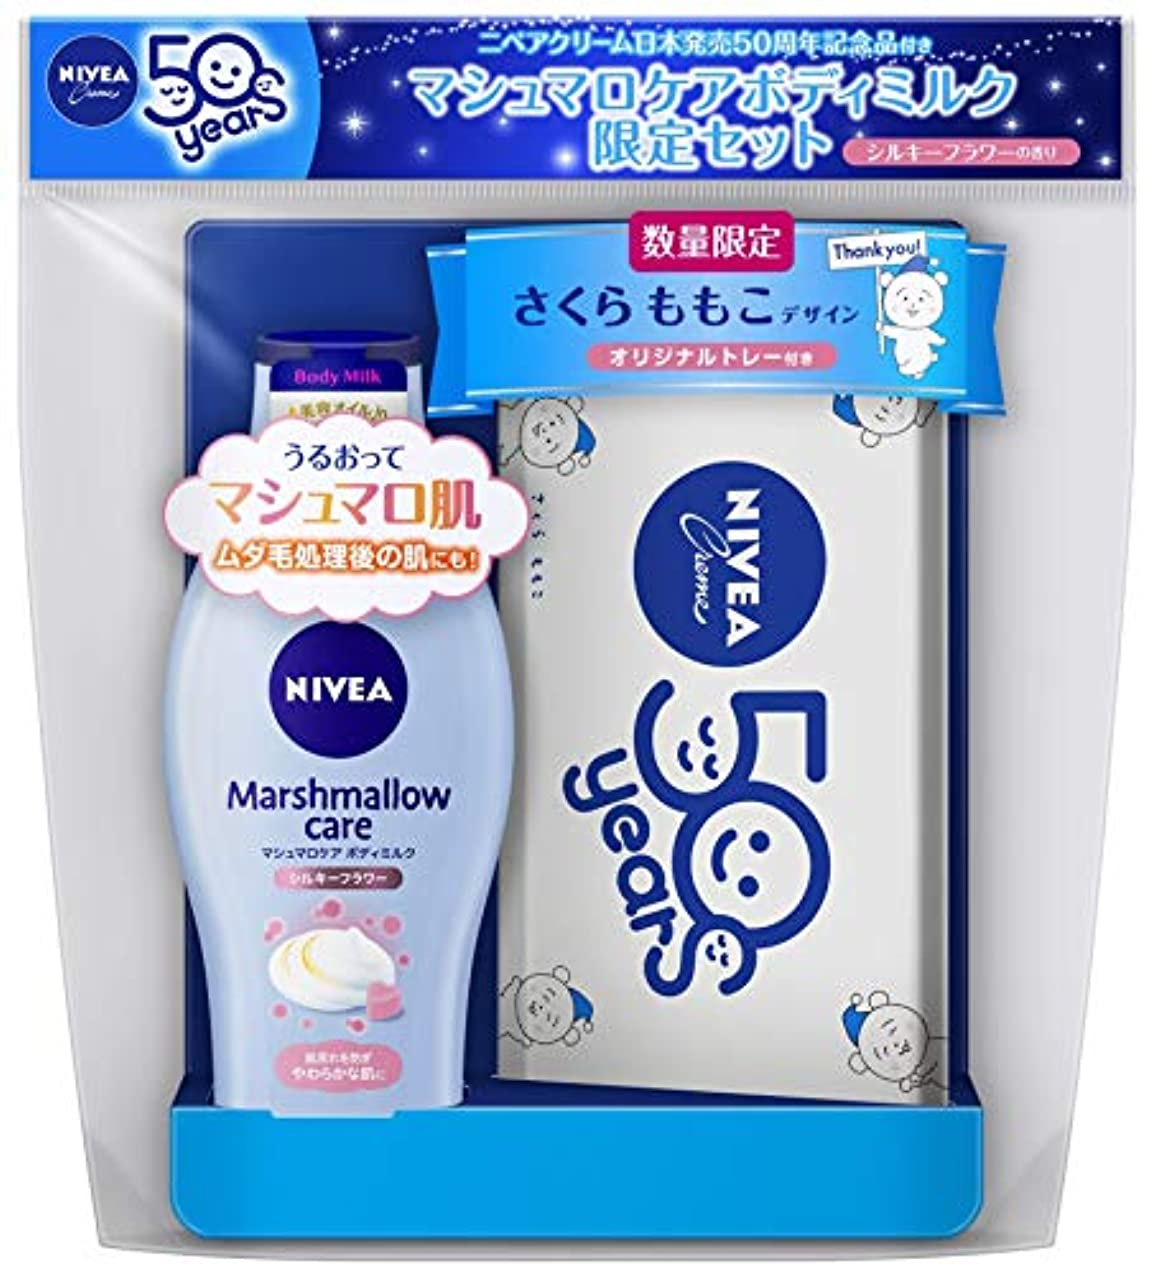 真面目なポンプ行き当たりばったり【数量限定】ニベア マシュマロケアボディミルク シルキーフラワーの香り+さくらももこデザインオリジナルトレー付き